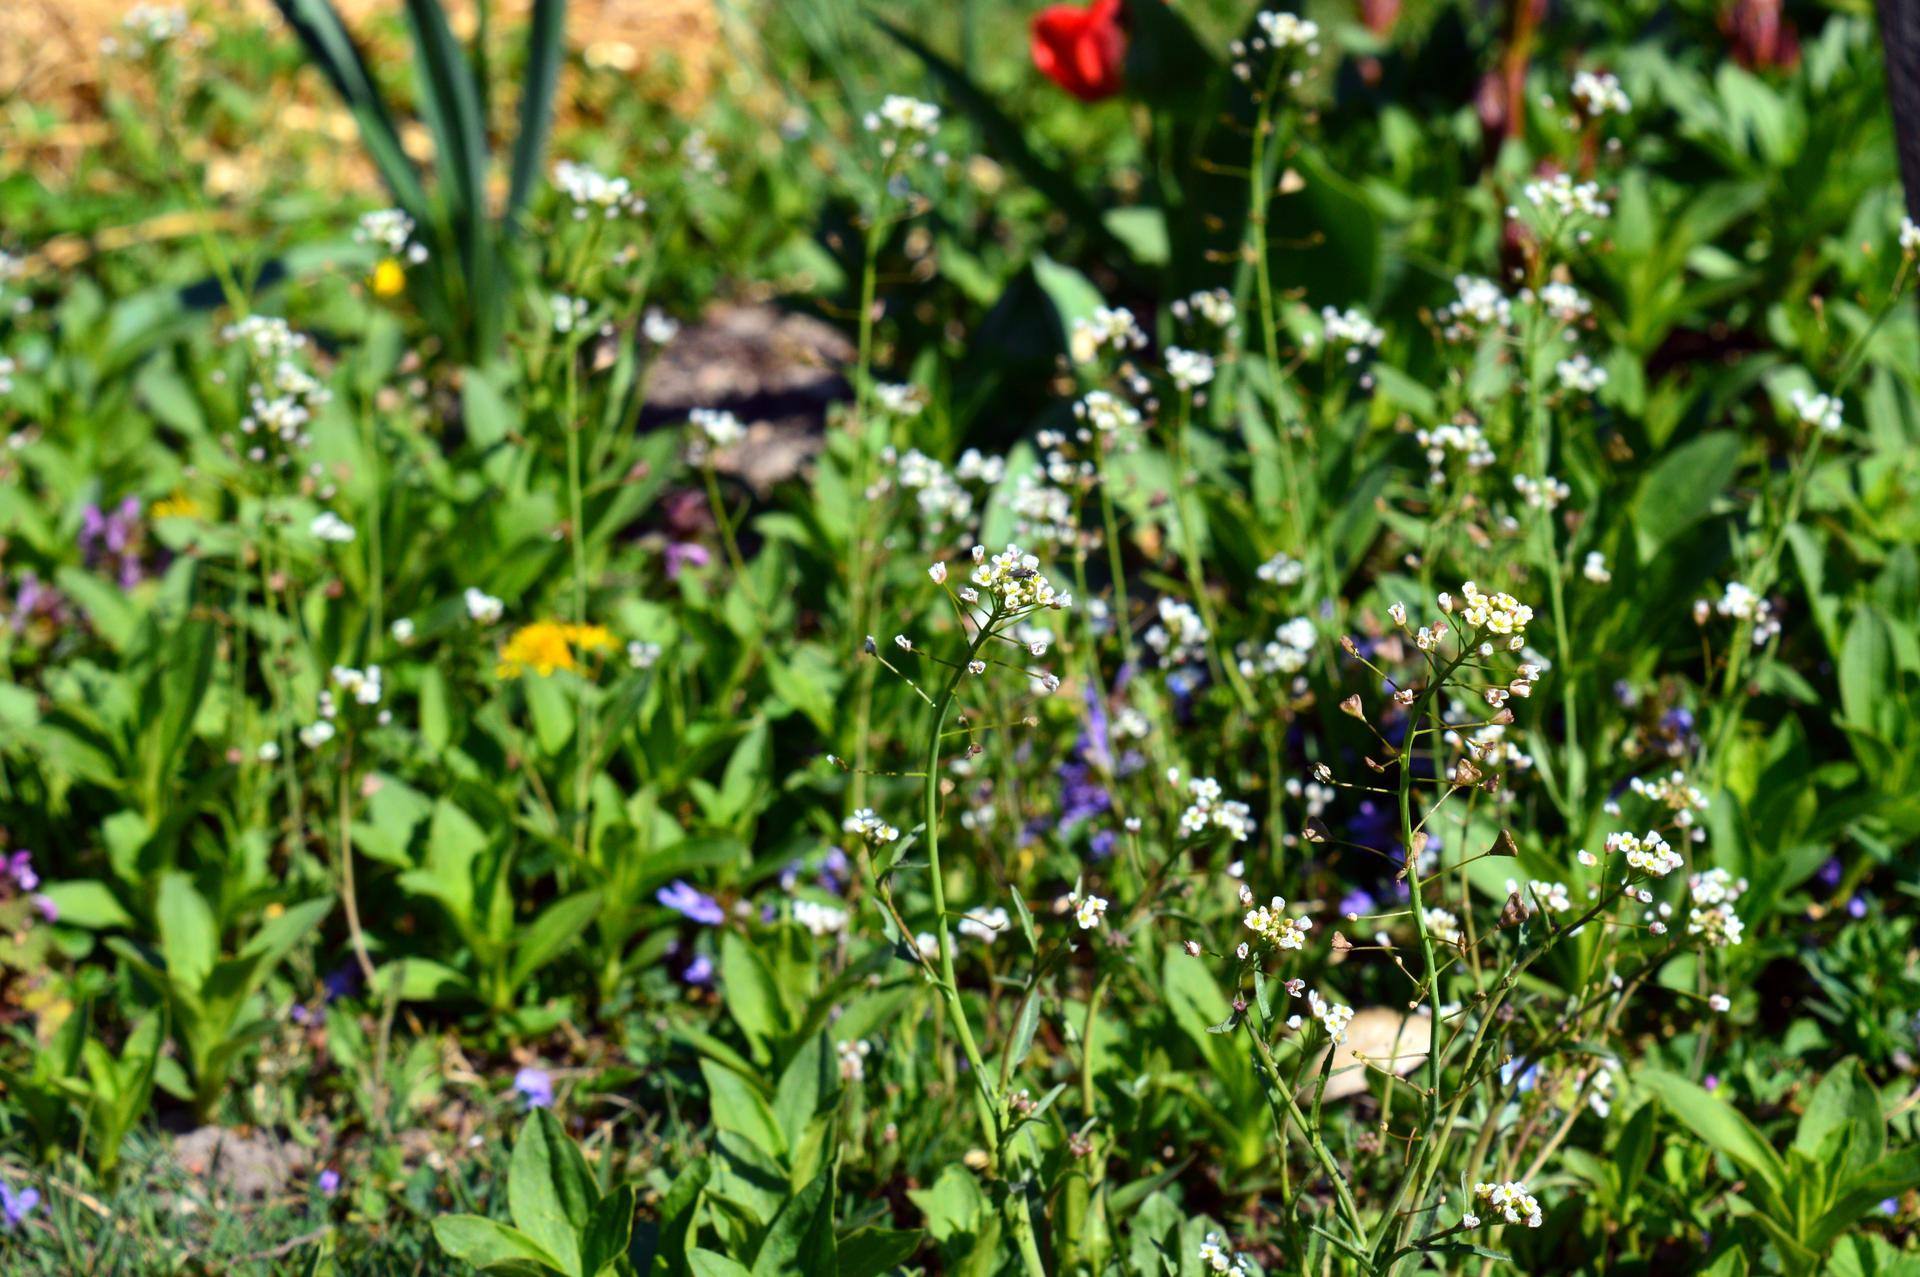 Naša prírodná perma záhradka v roku 2020 - taká trávniková - musí byť